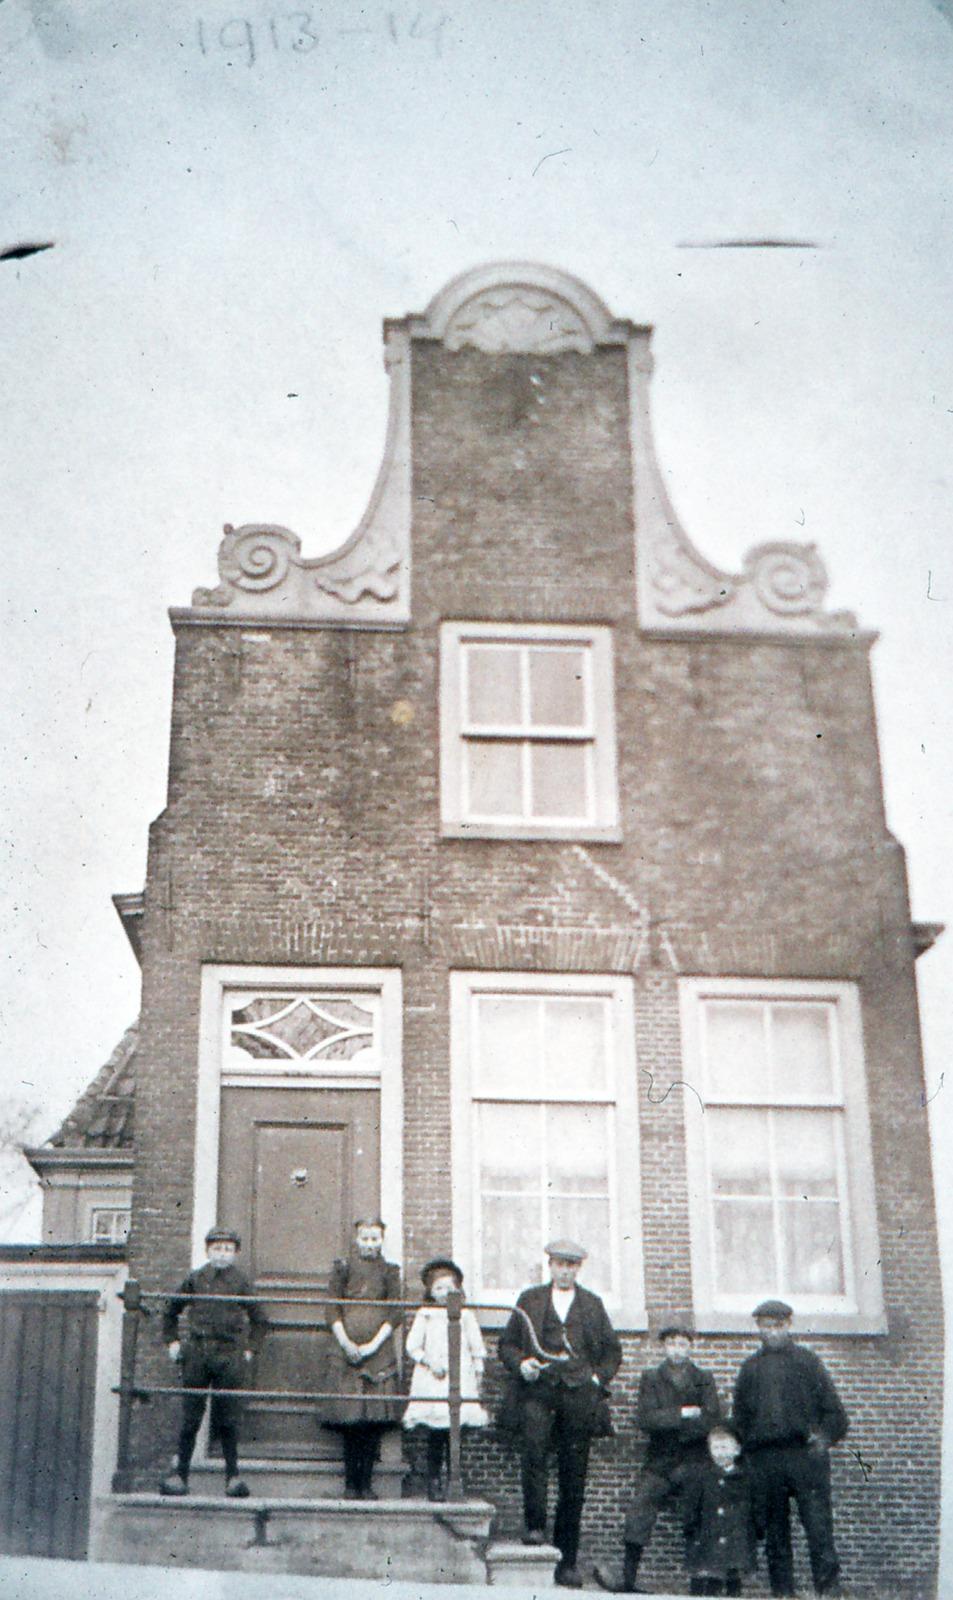 WH-1 Geboortehuis van familie Op 't Land